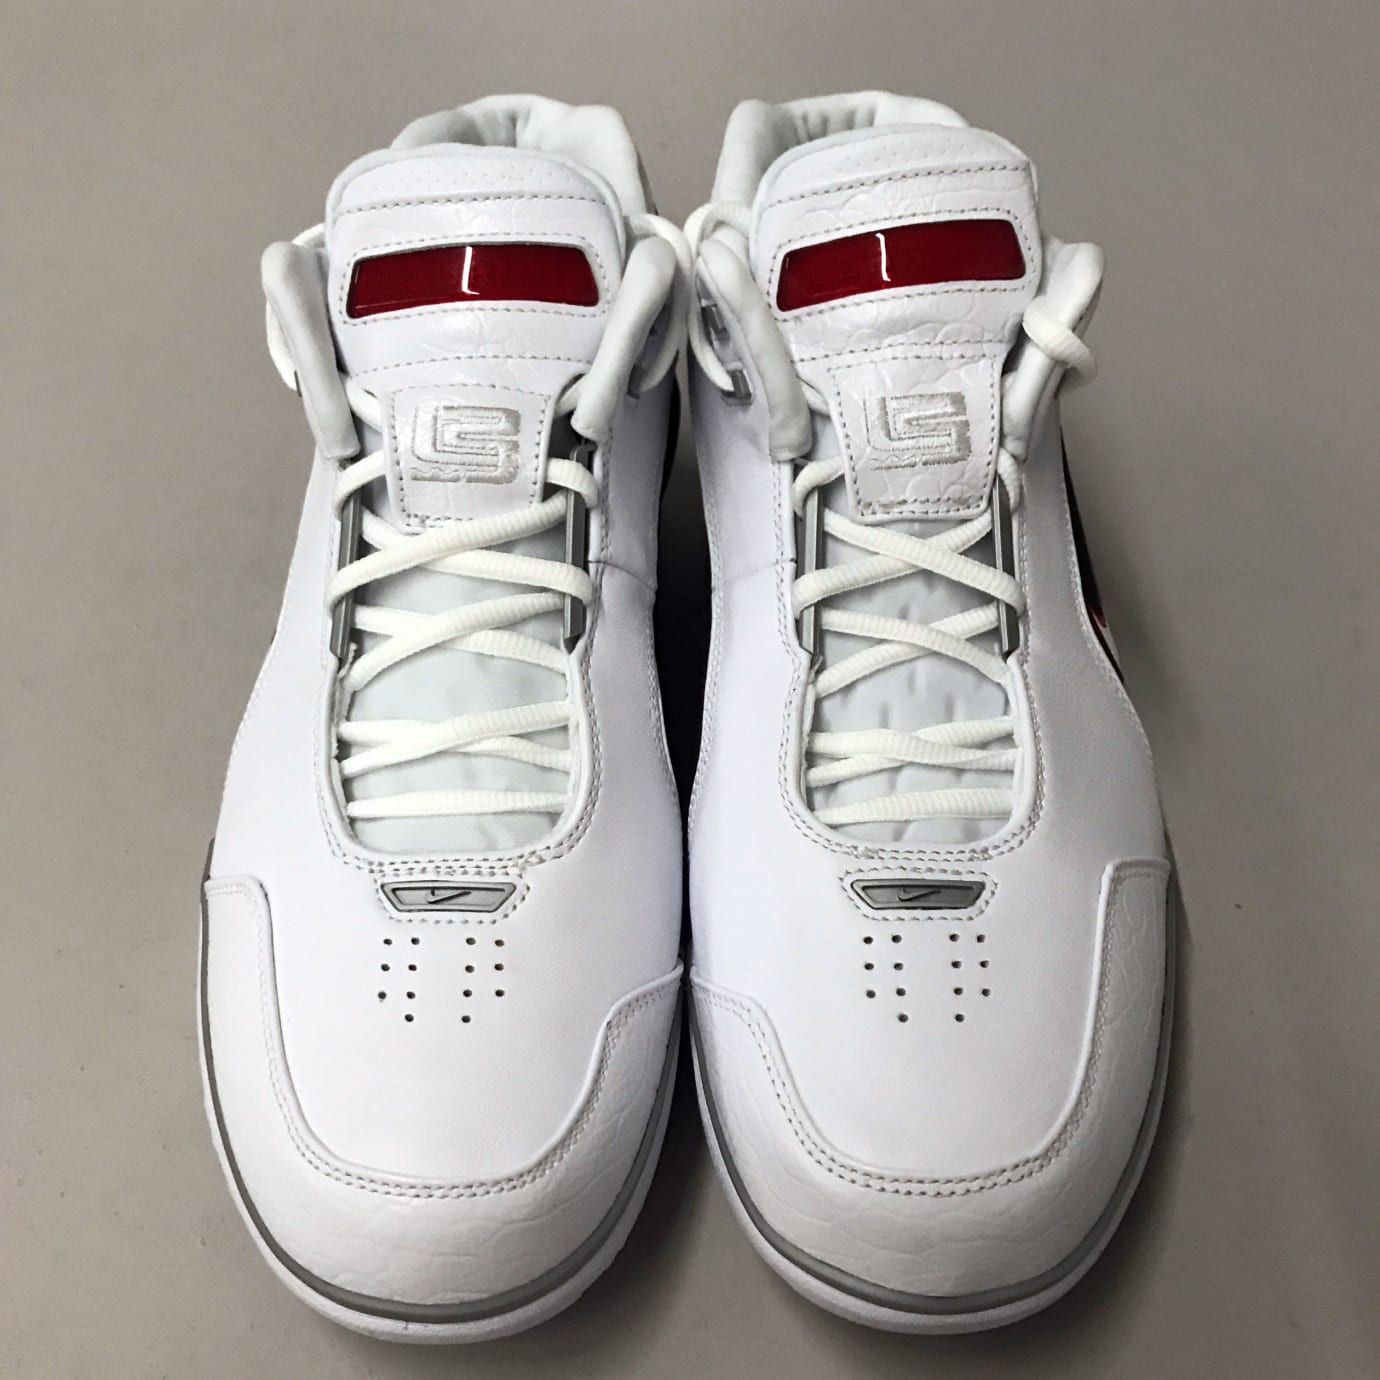 Nike Air Zoom Generation Retro AJ4204-101 Front